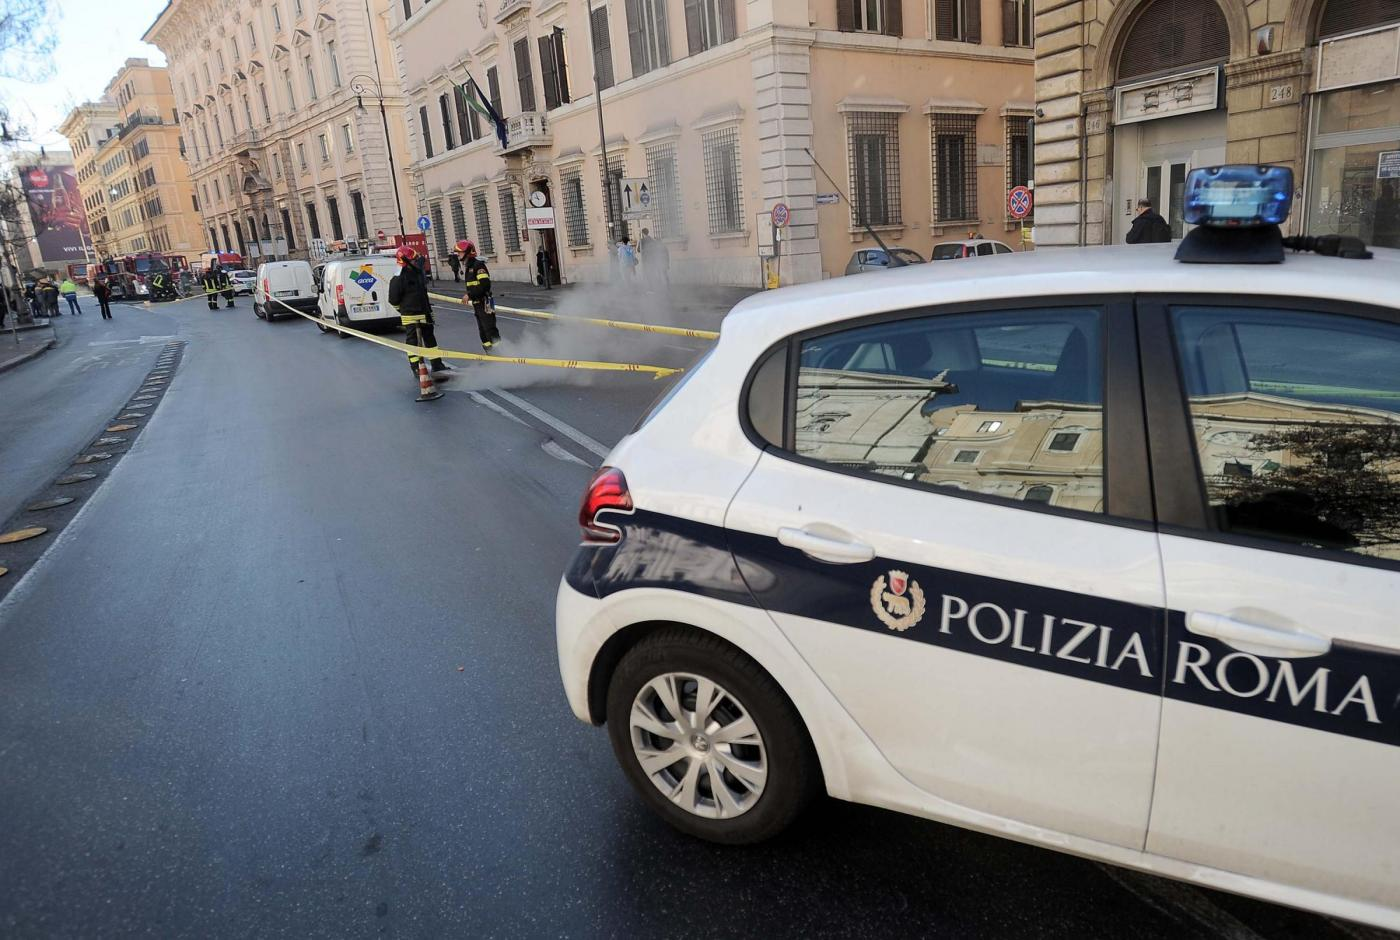 Roma, bonus multe per i vigili: più ne fanno, più guadagnano